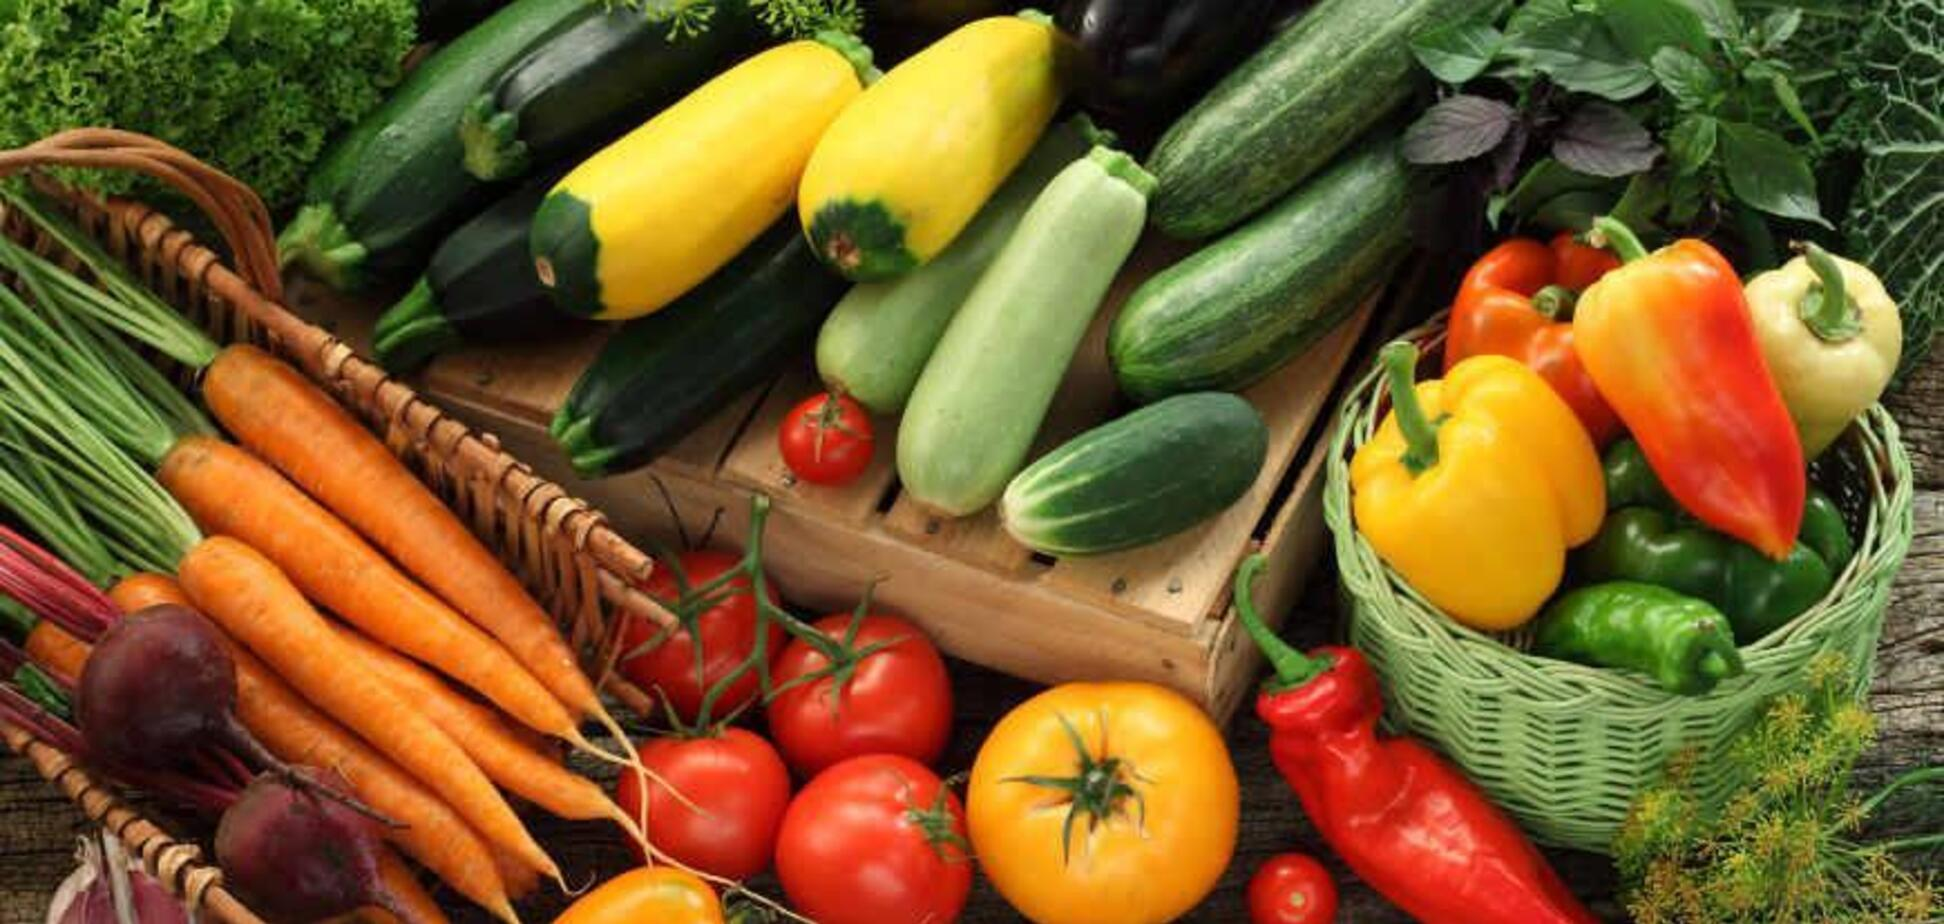 Аномальная жара в Украине: цены на важные продукты взлетели